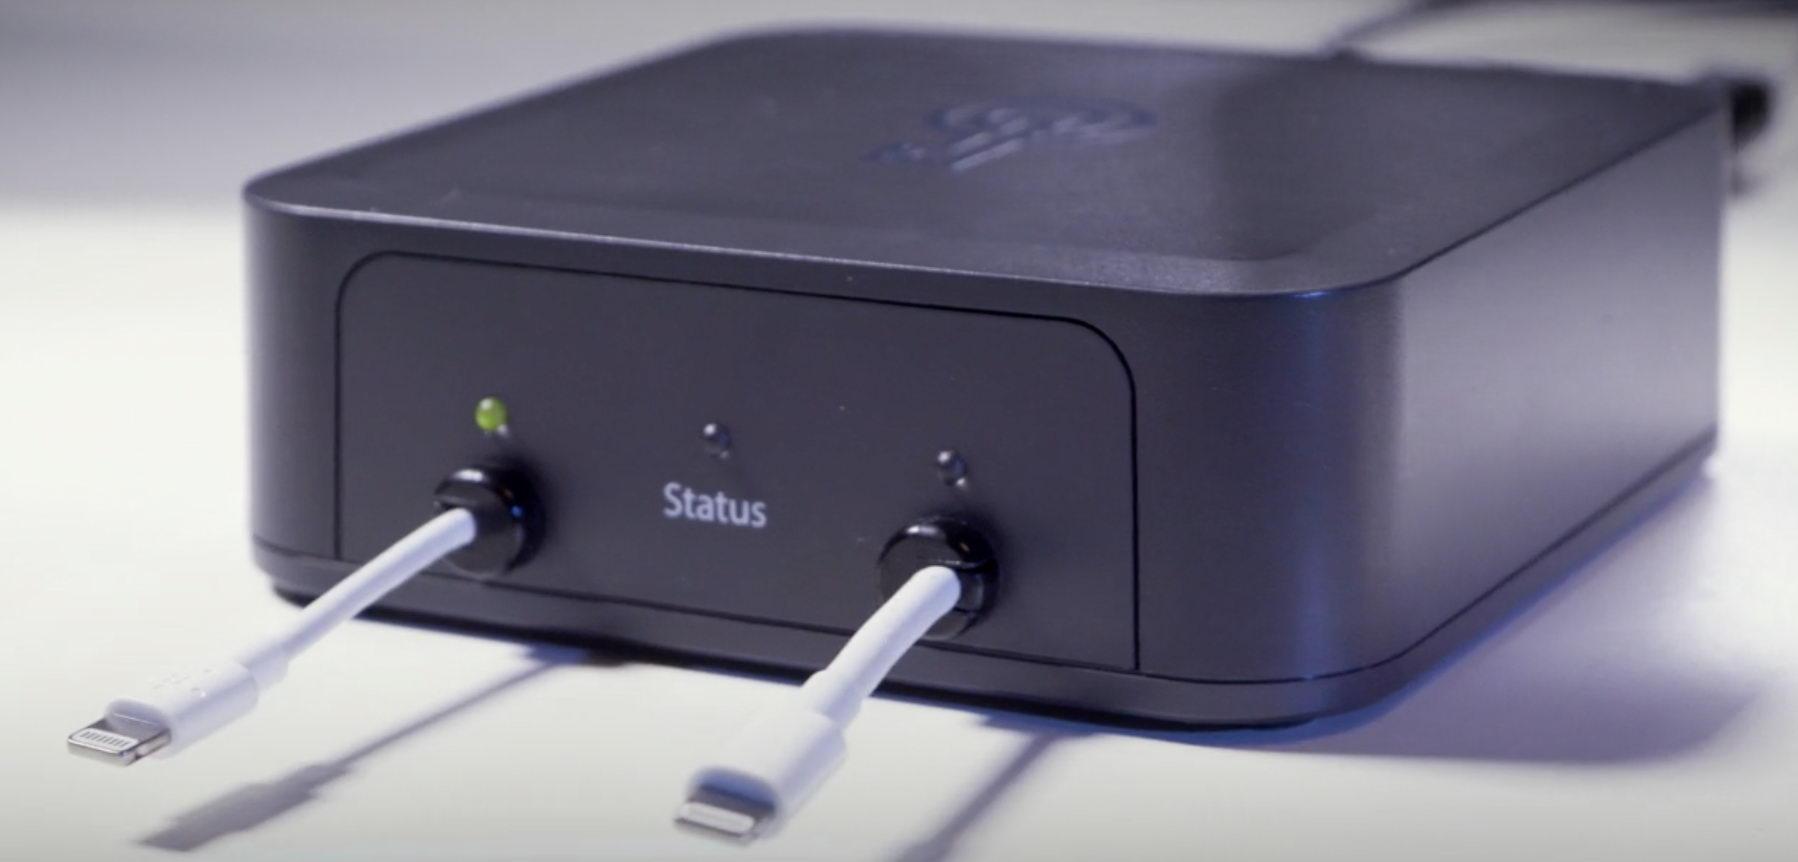 Разработчики устройства GrayKey обещают, что оно способно взломать любой iPhone